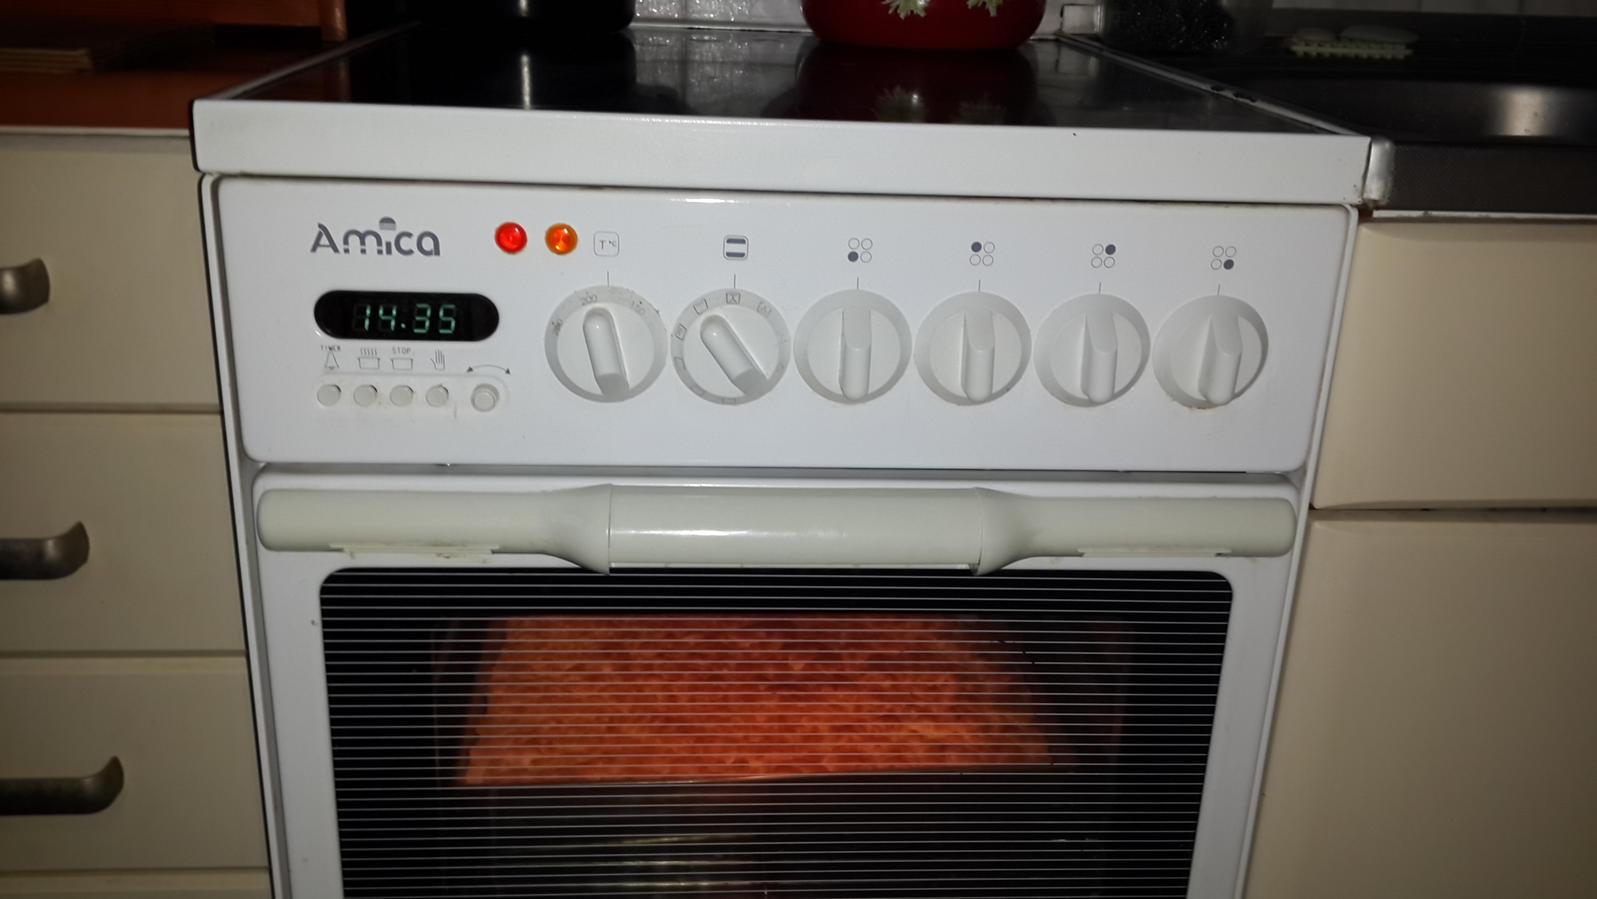 kuchenka Amica z płytą ceramiczną  elektroda pl -> Kuchnia Amica Supernova Instrukcja Obslugi